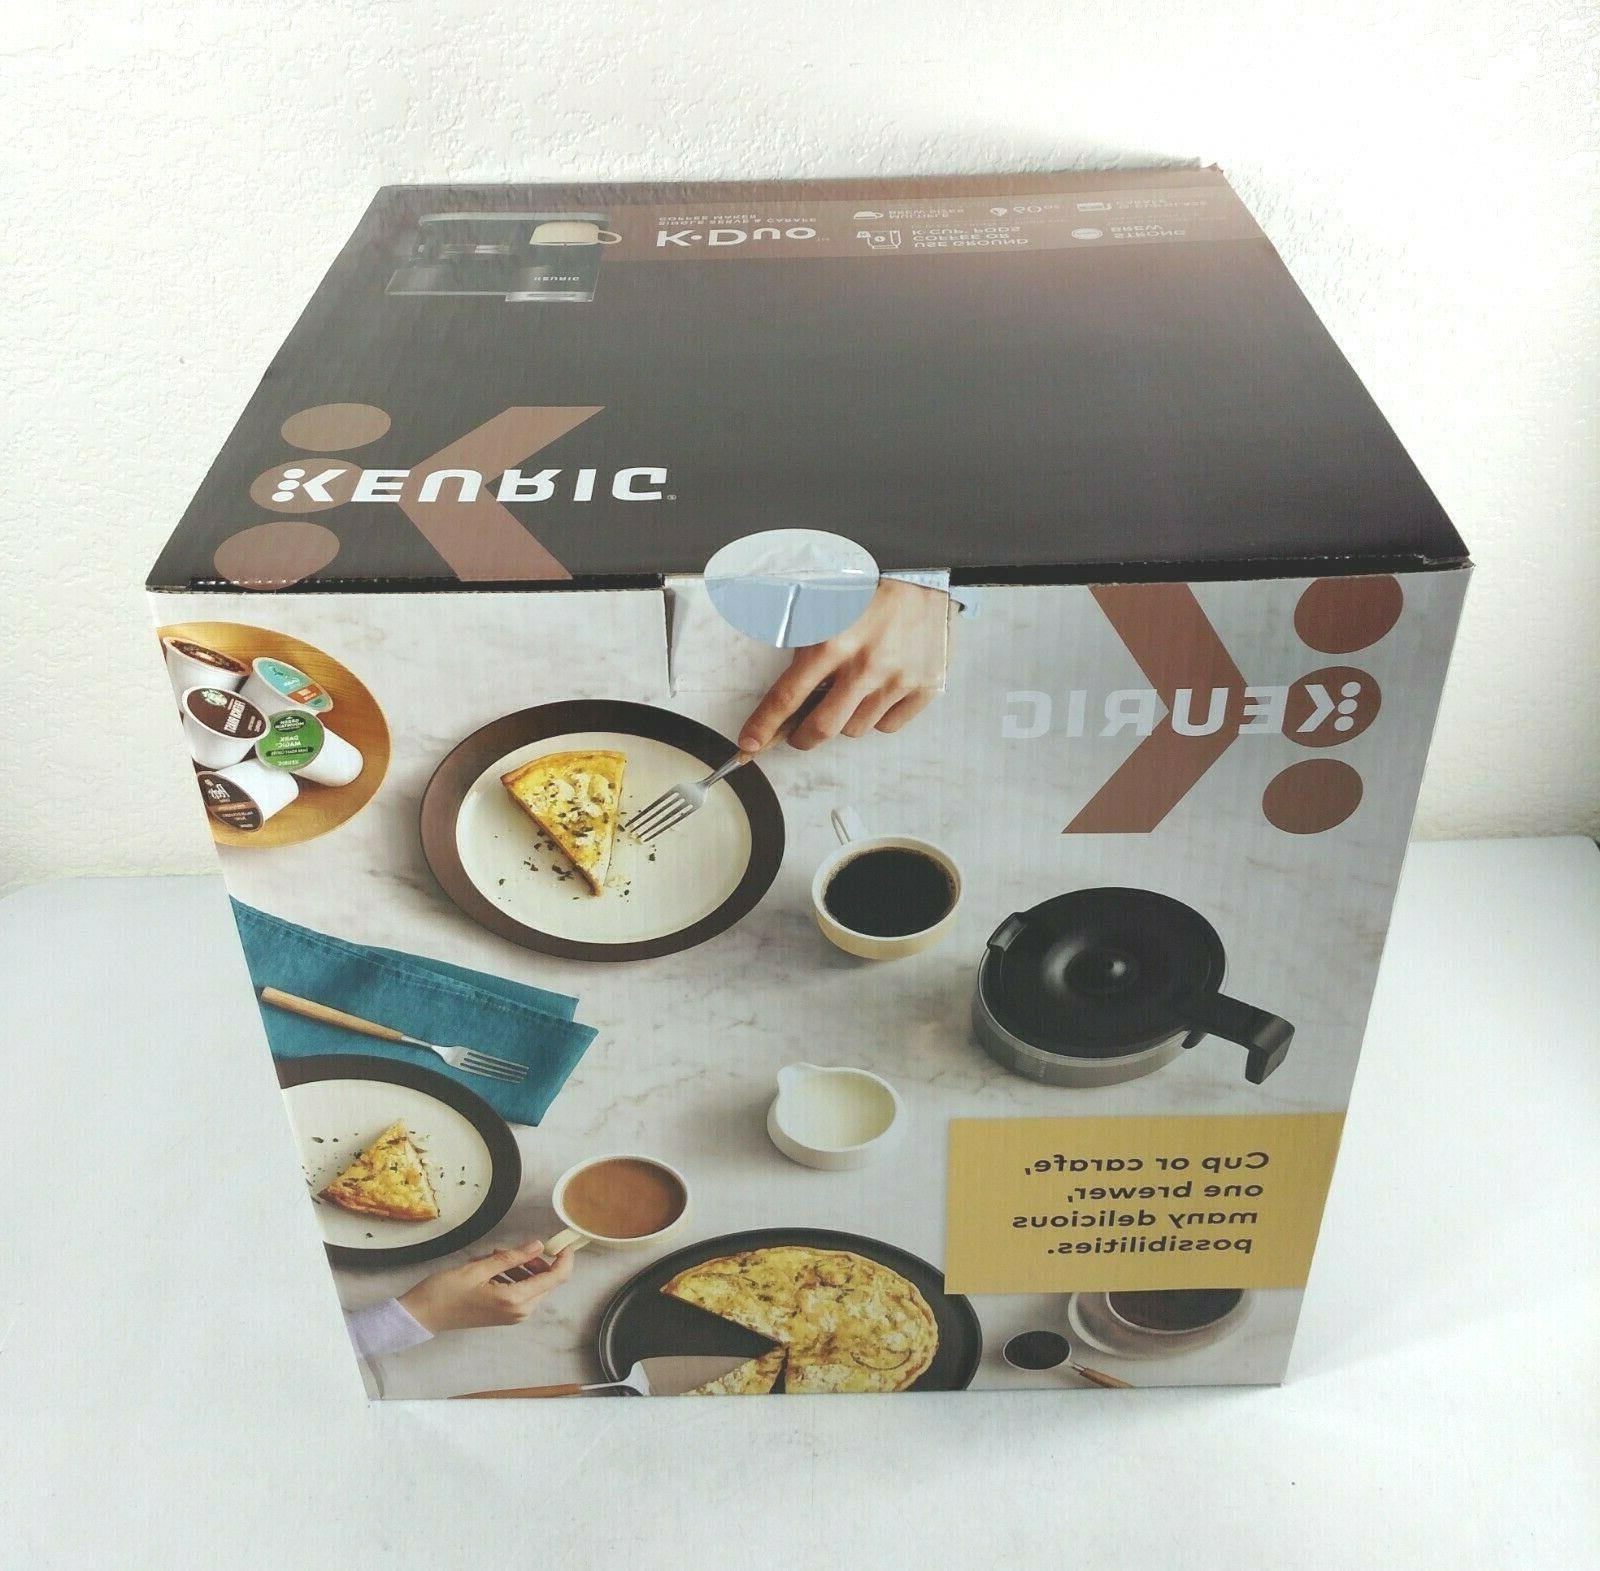 Keurig Single Serve Carafe Coffee Brewer